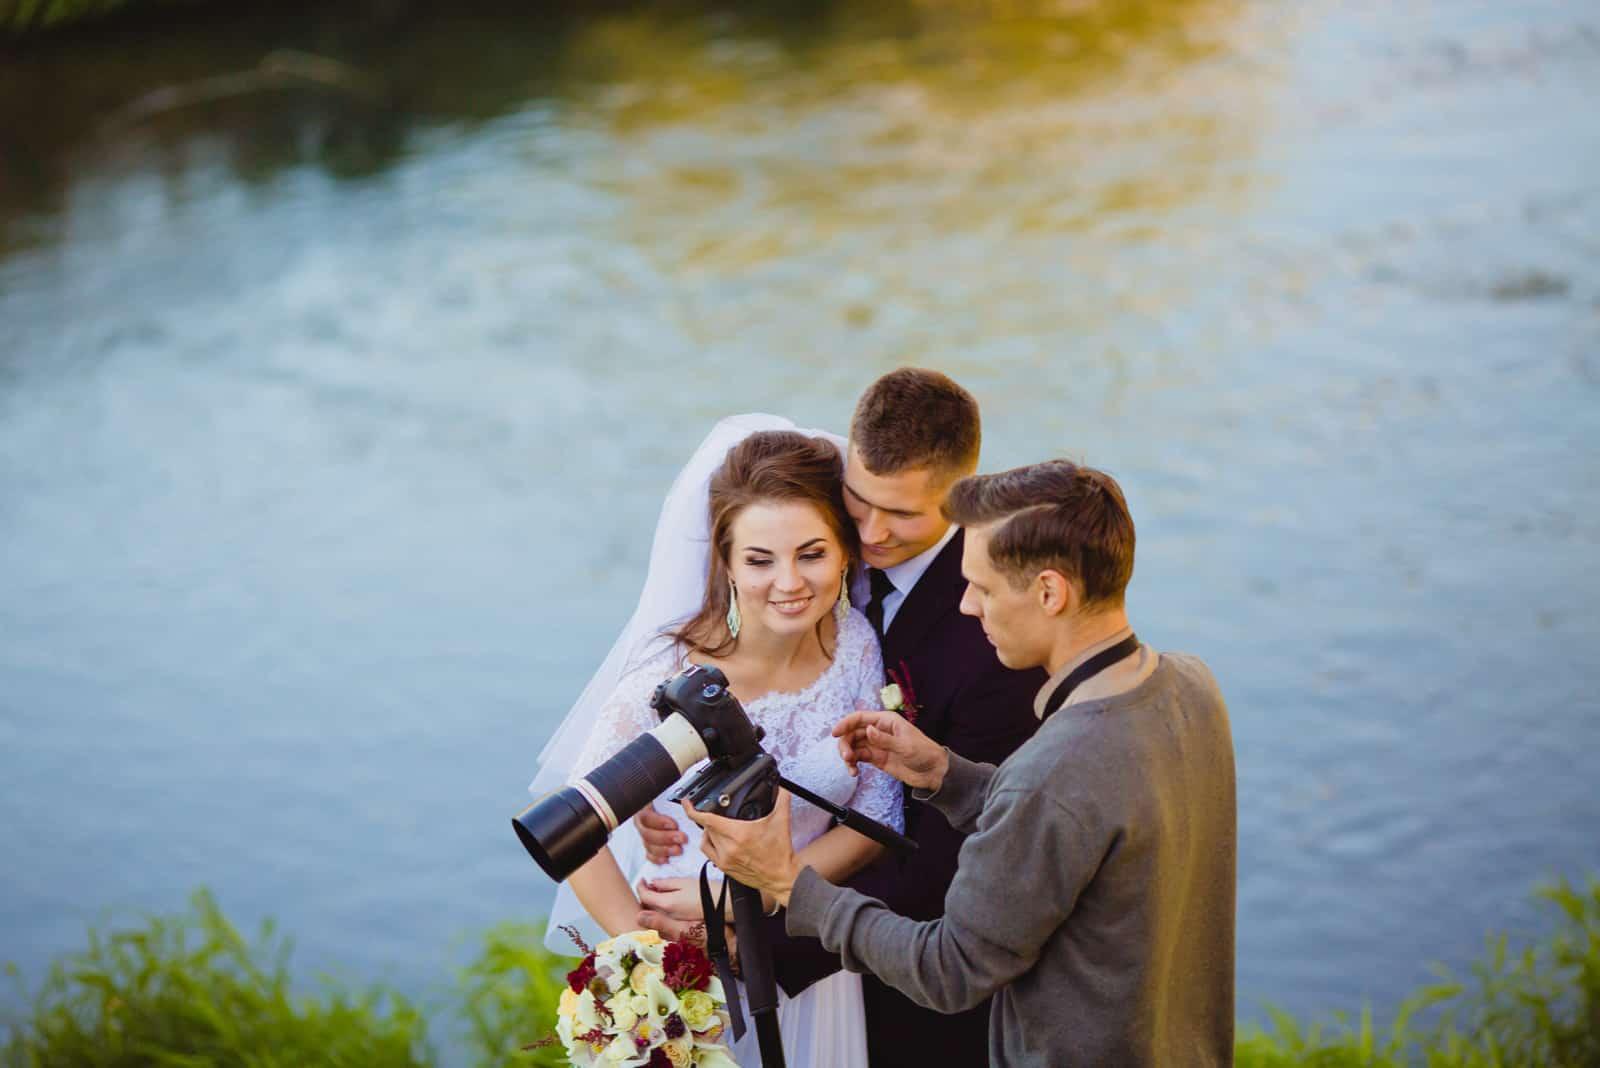 Der Fotograf, der Braut und Bräutigam zeigt, hatte gerade Fotos gemacht (1)